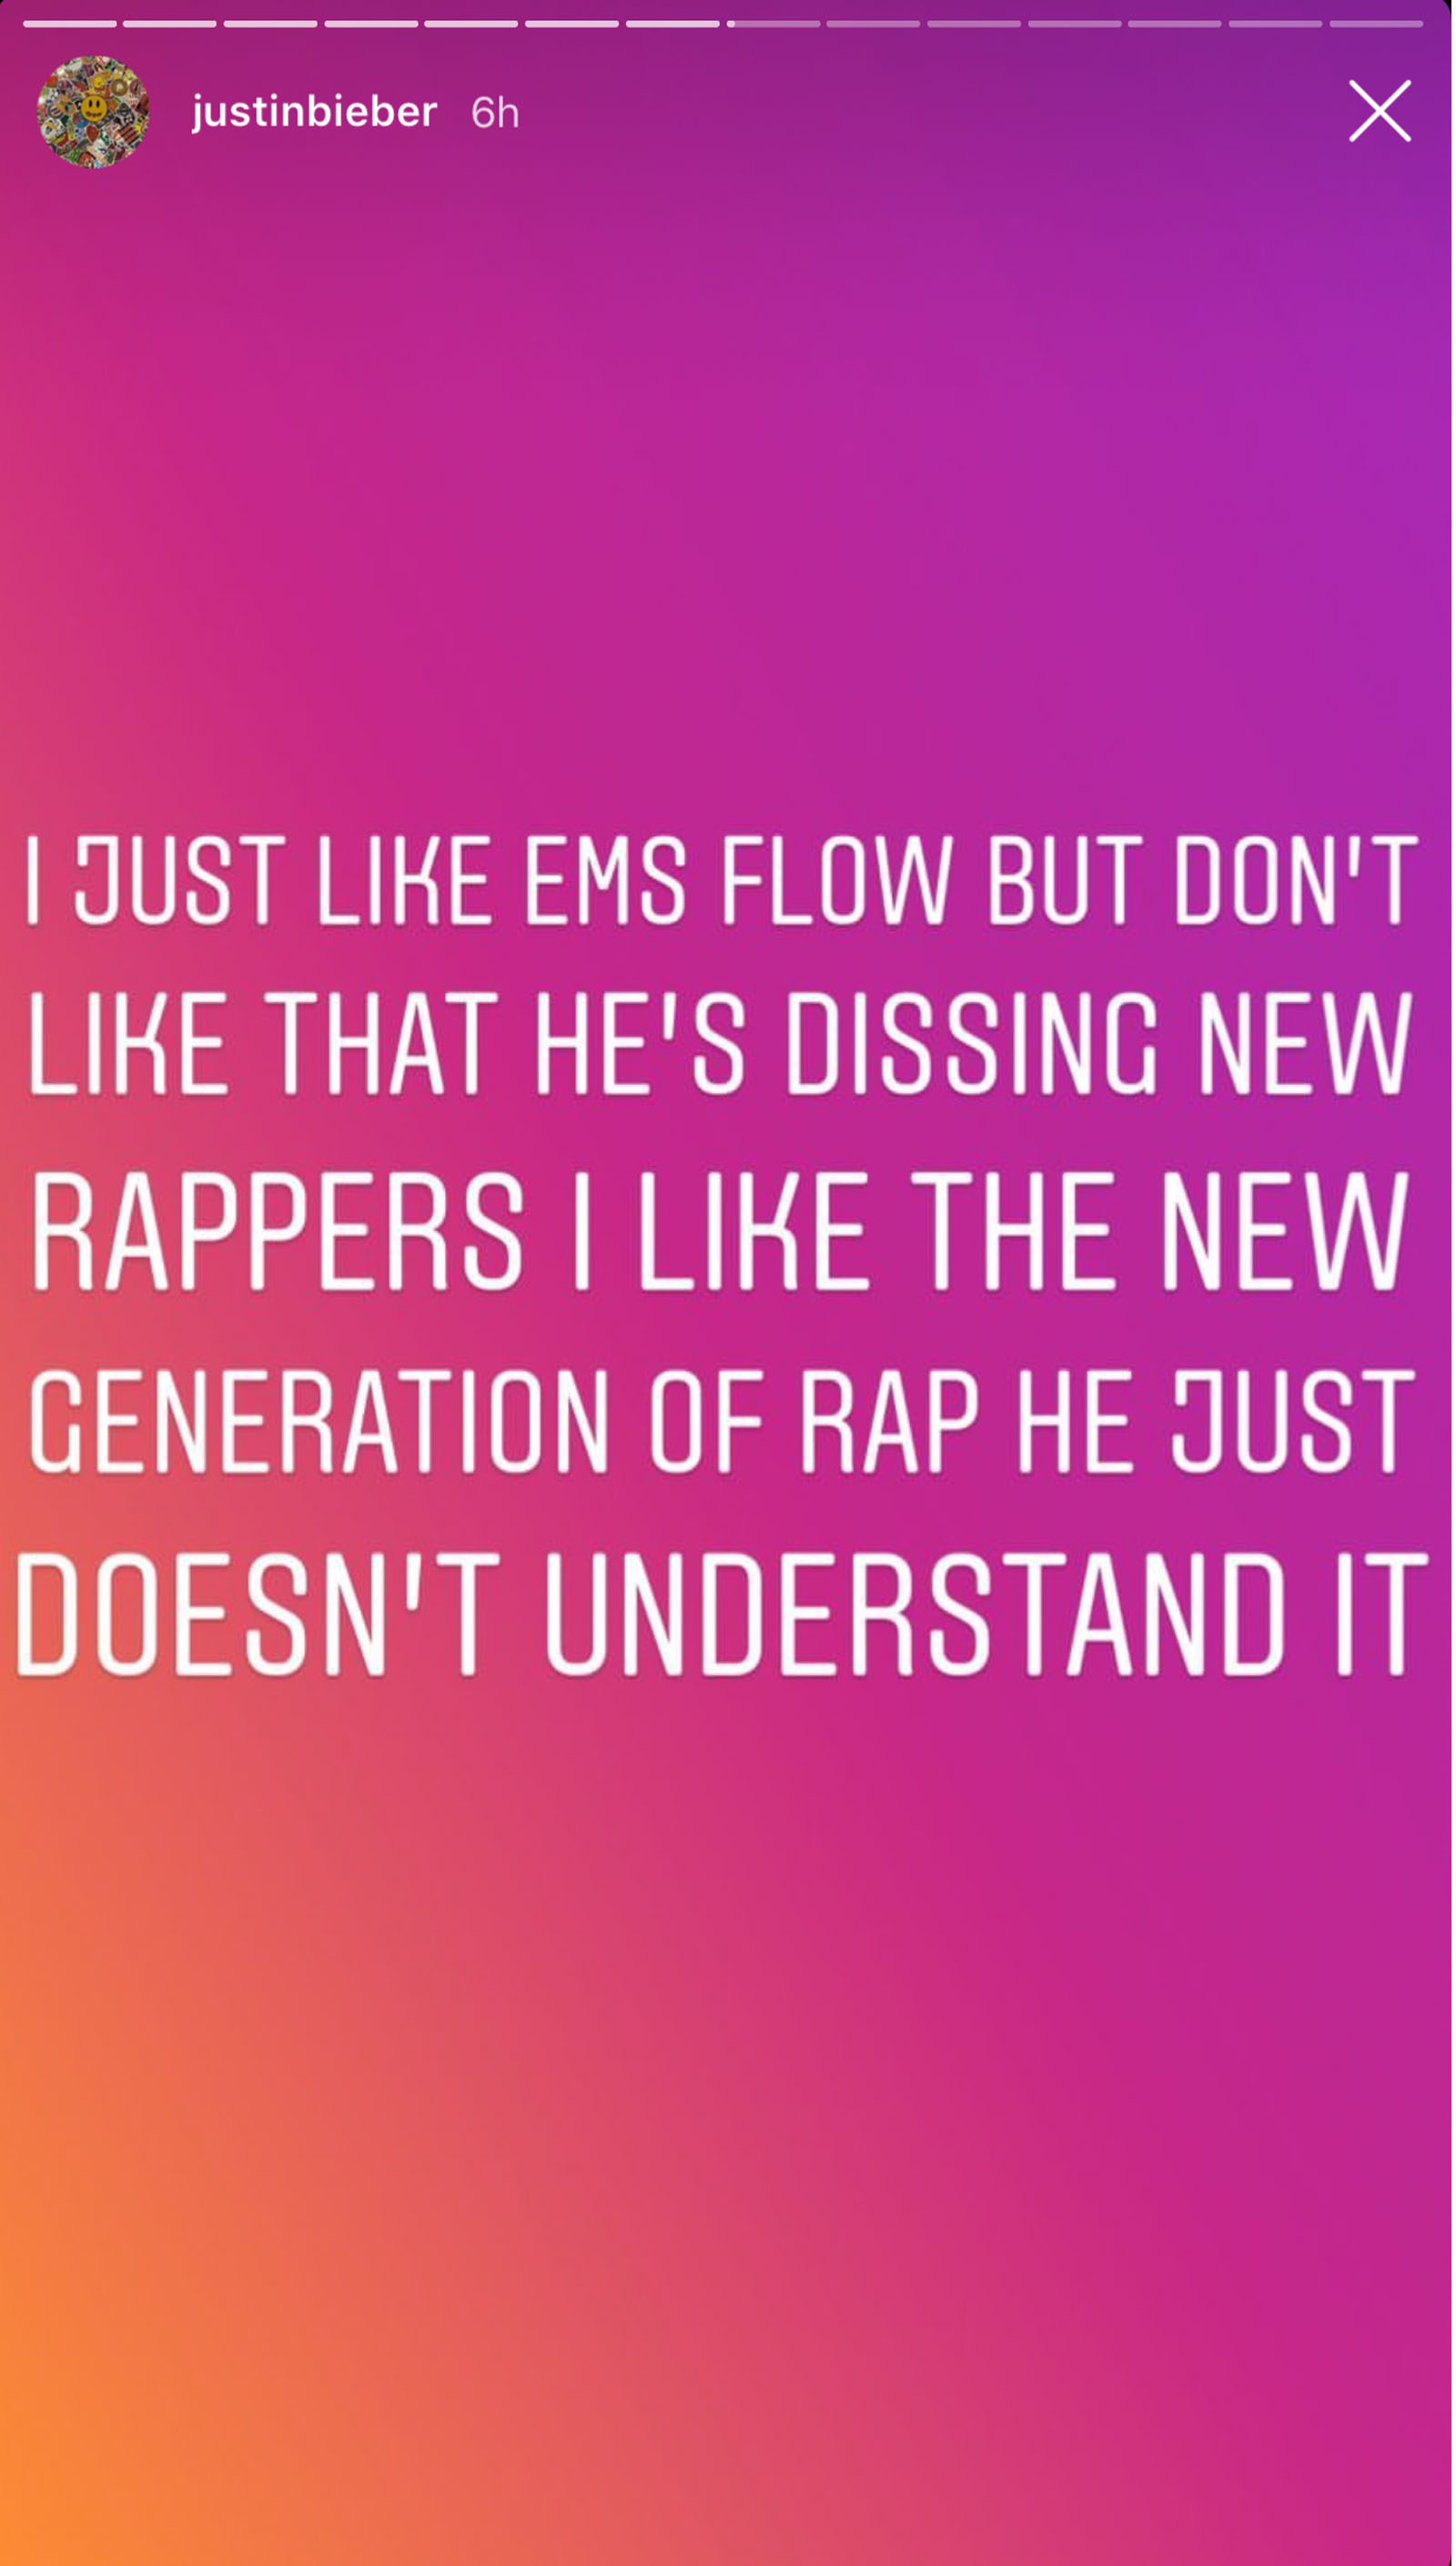 Justin Bieber meint, dass Eminem die neue Rapgeneration nicht versteht